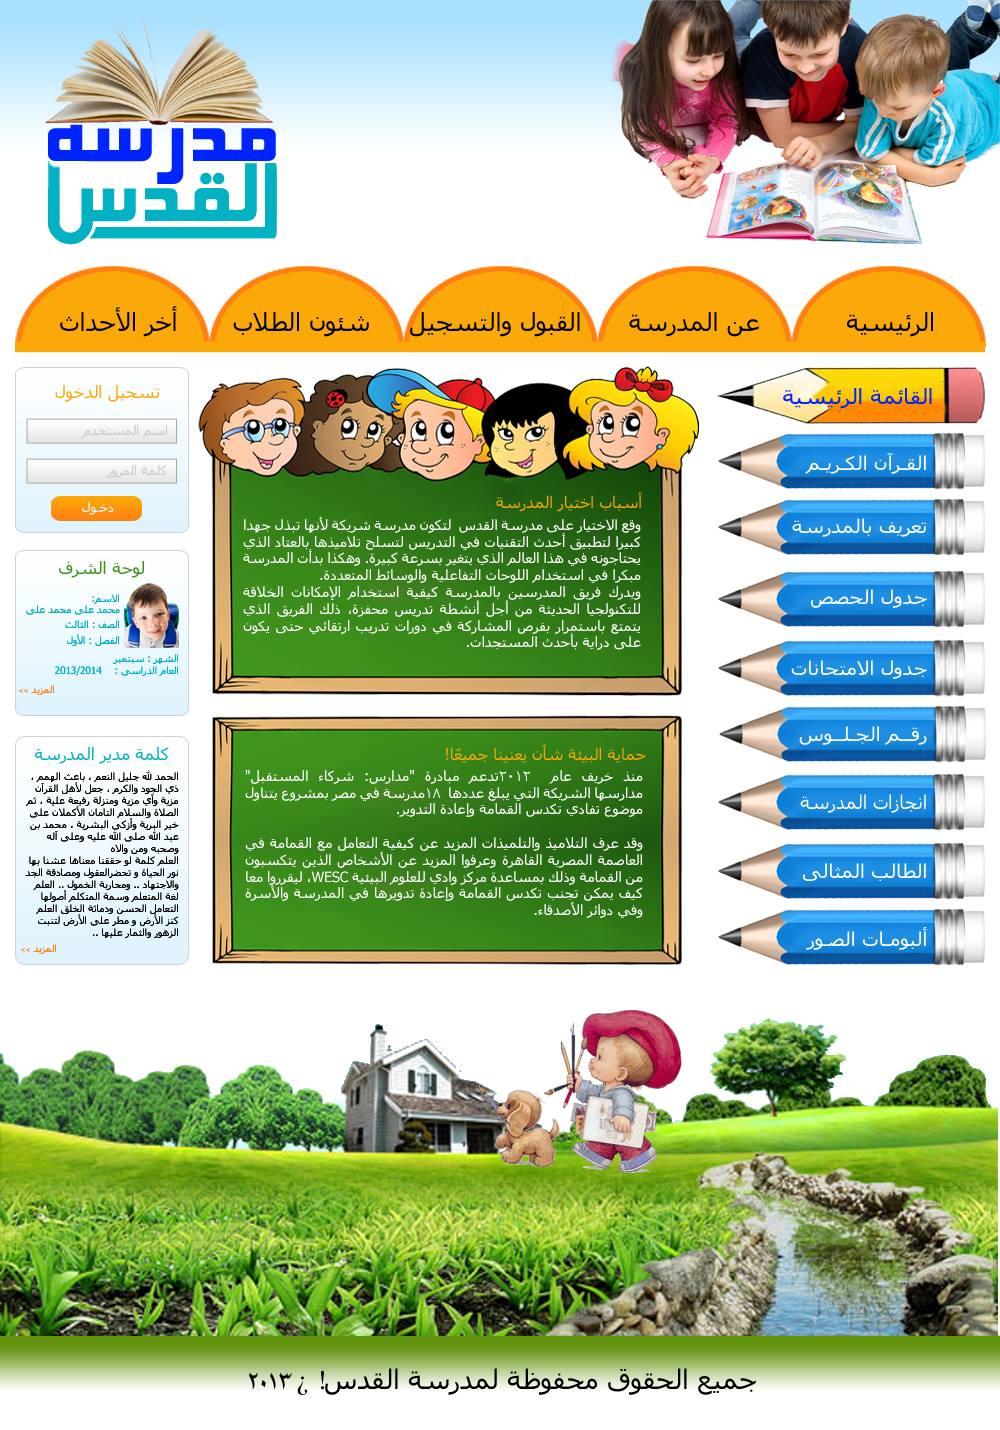 AhmedAlbolaky2